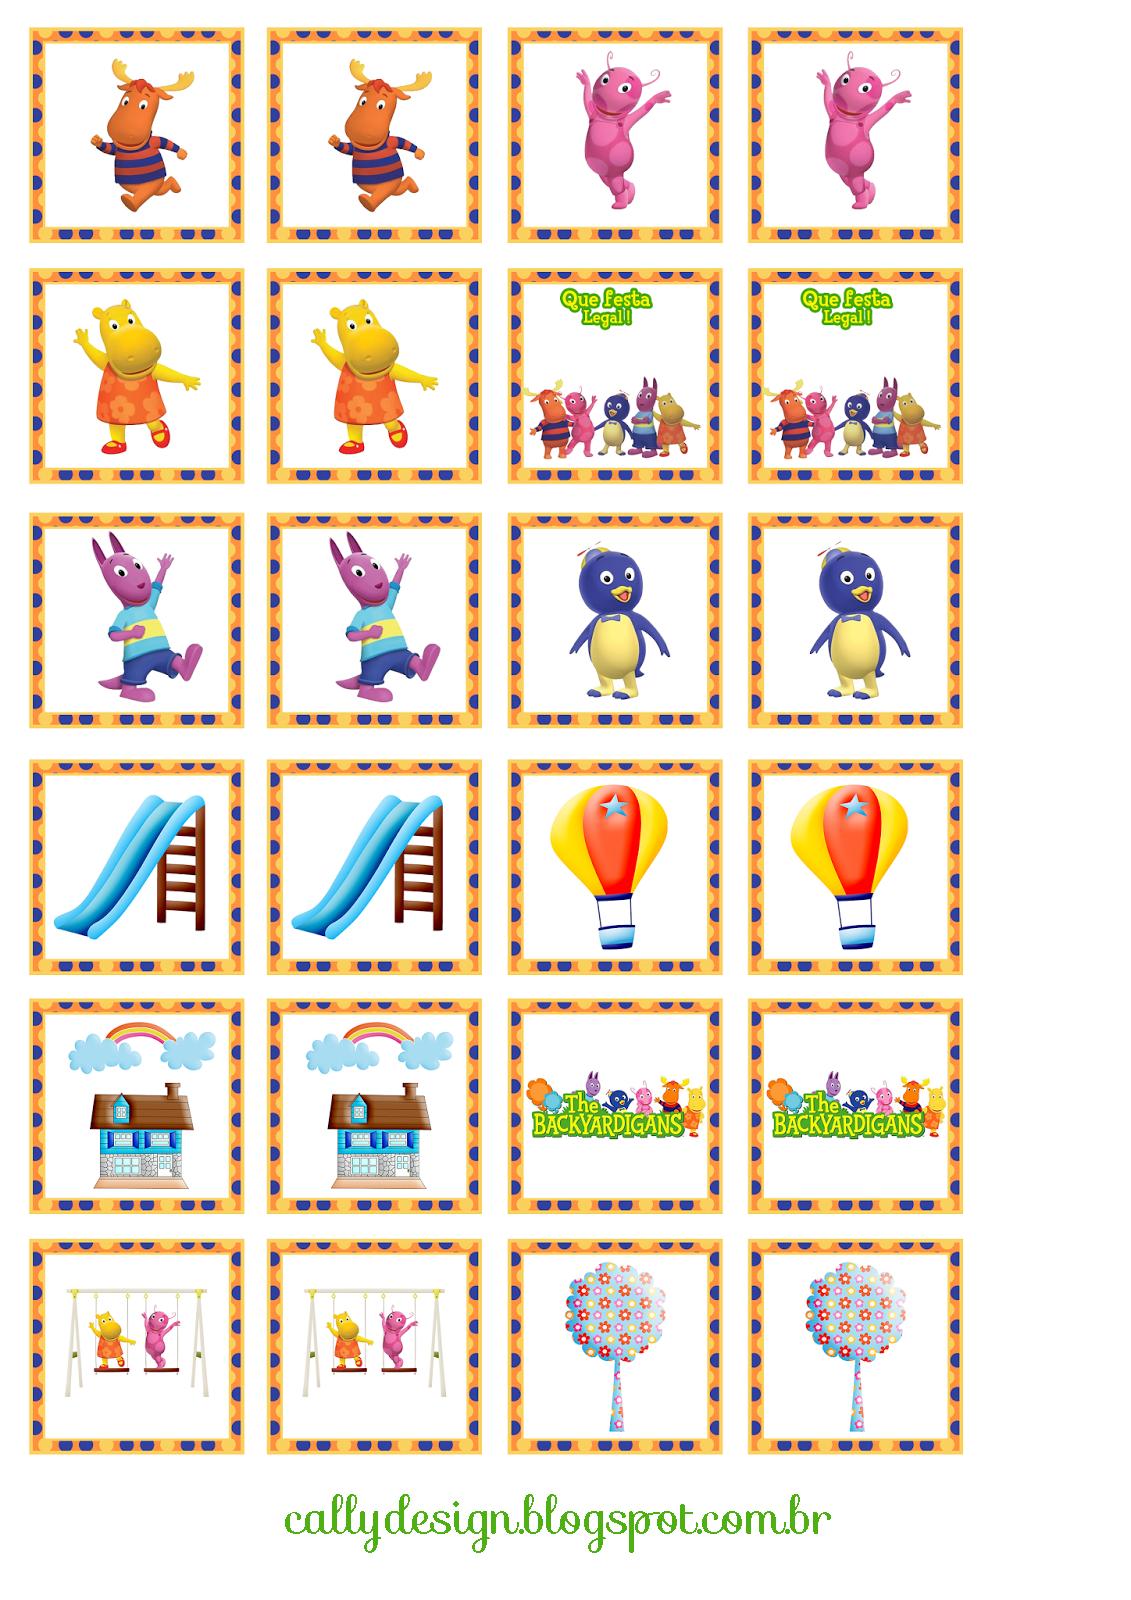 Cally S Design Kits Personalizados Gratuitos Quebra Cabeca E Jogo Da Memoria Personalizados Para Imprimir Jogos De Memoria Jogos De Cartas Para Criancas Jogos